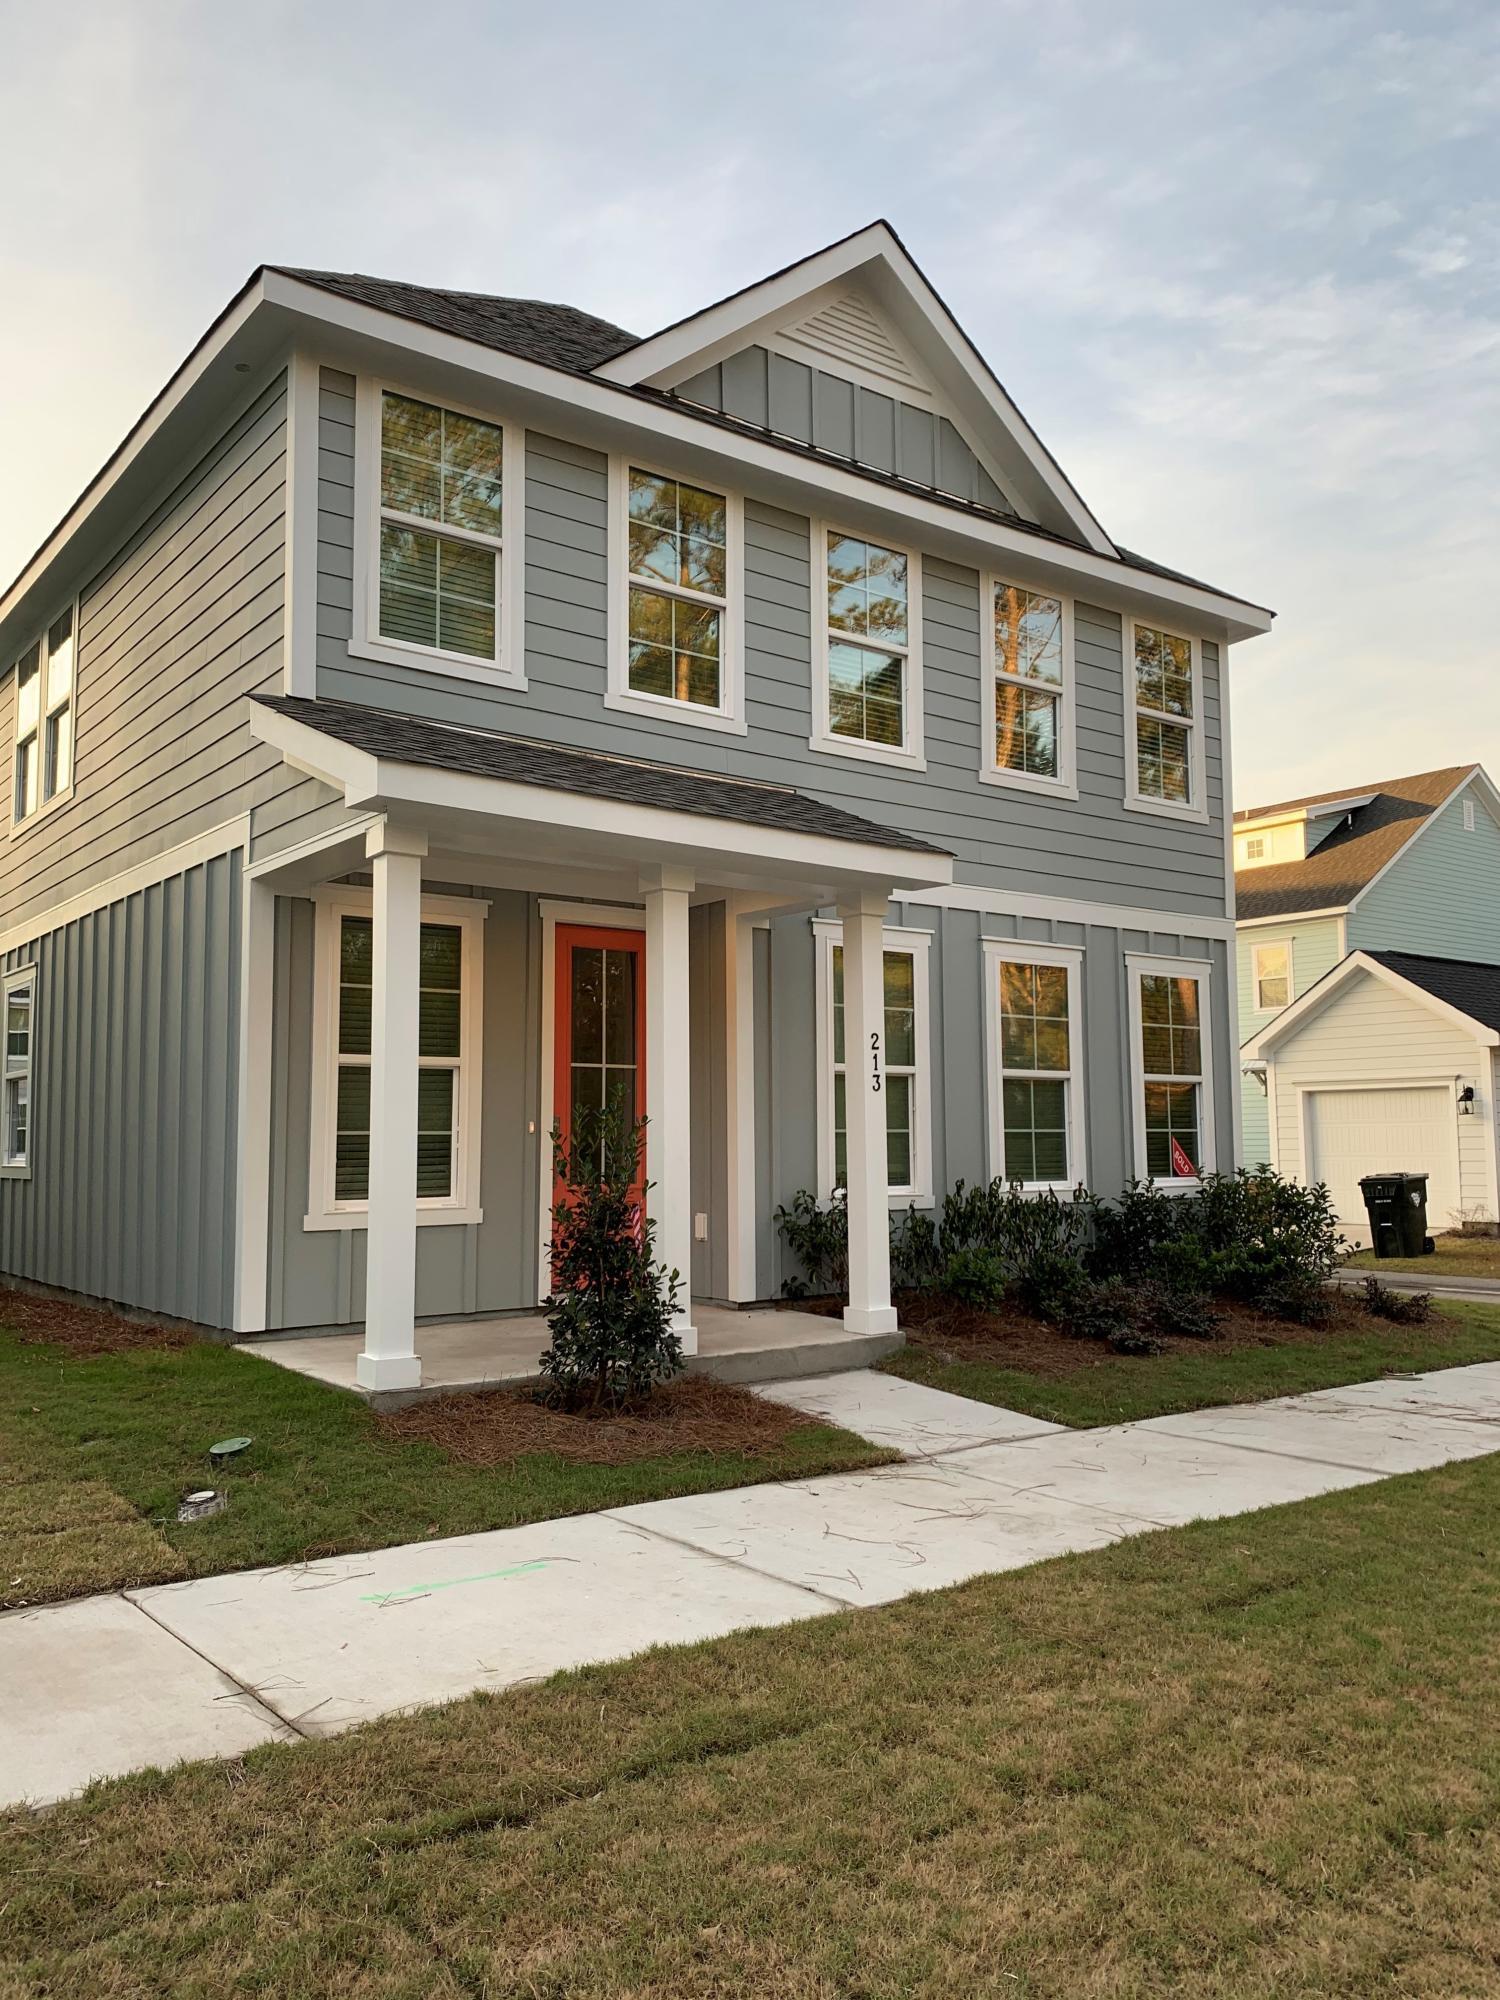 Limehouse Village Homes For Sale - 213 Makemie, Summerville, SC - 2